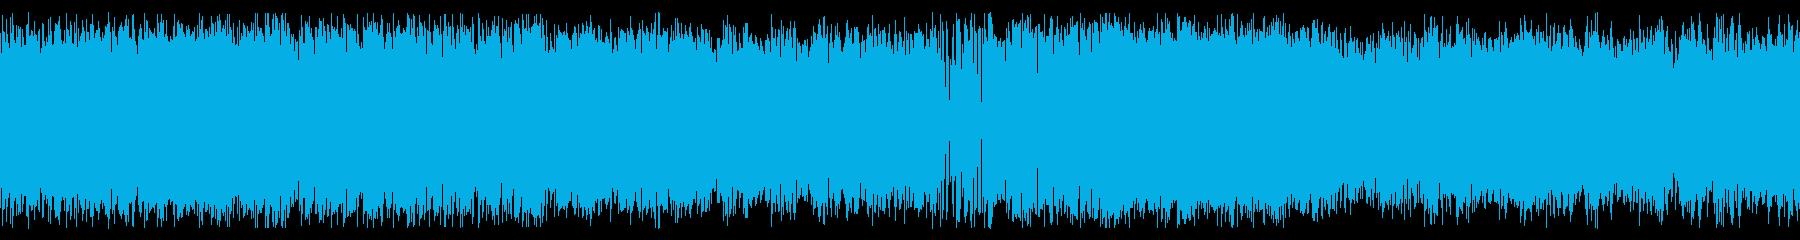 ネオクラシカルなチップチューン ループ版の再生済みの波形